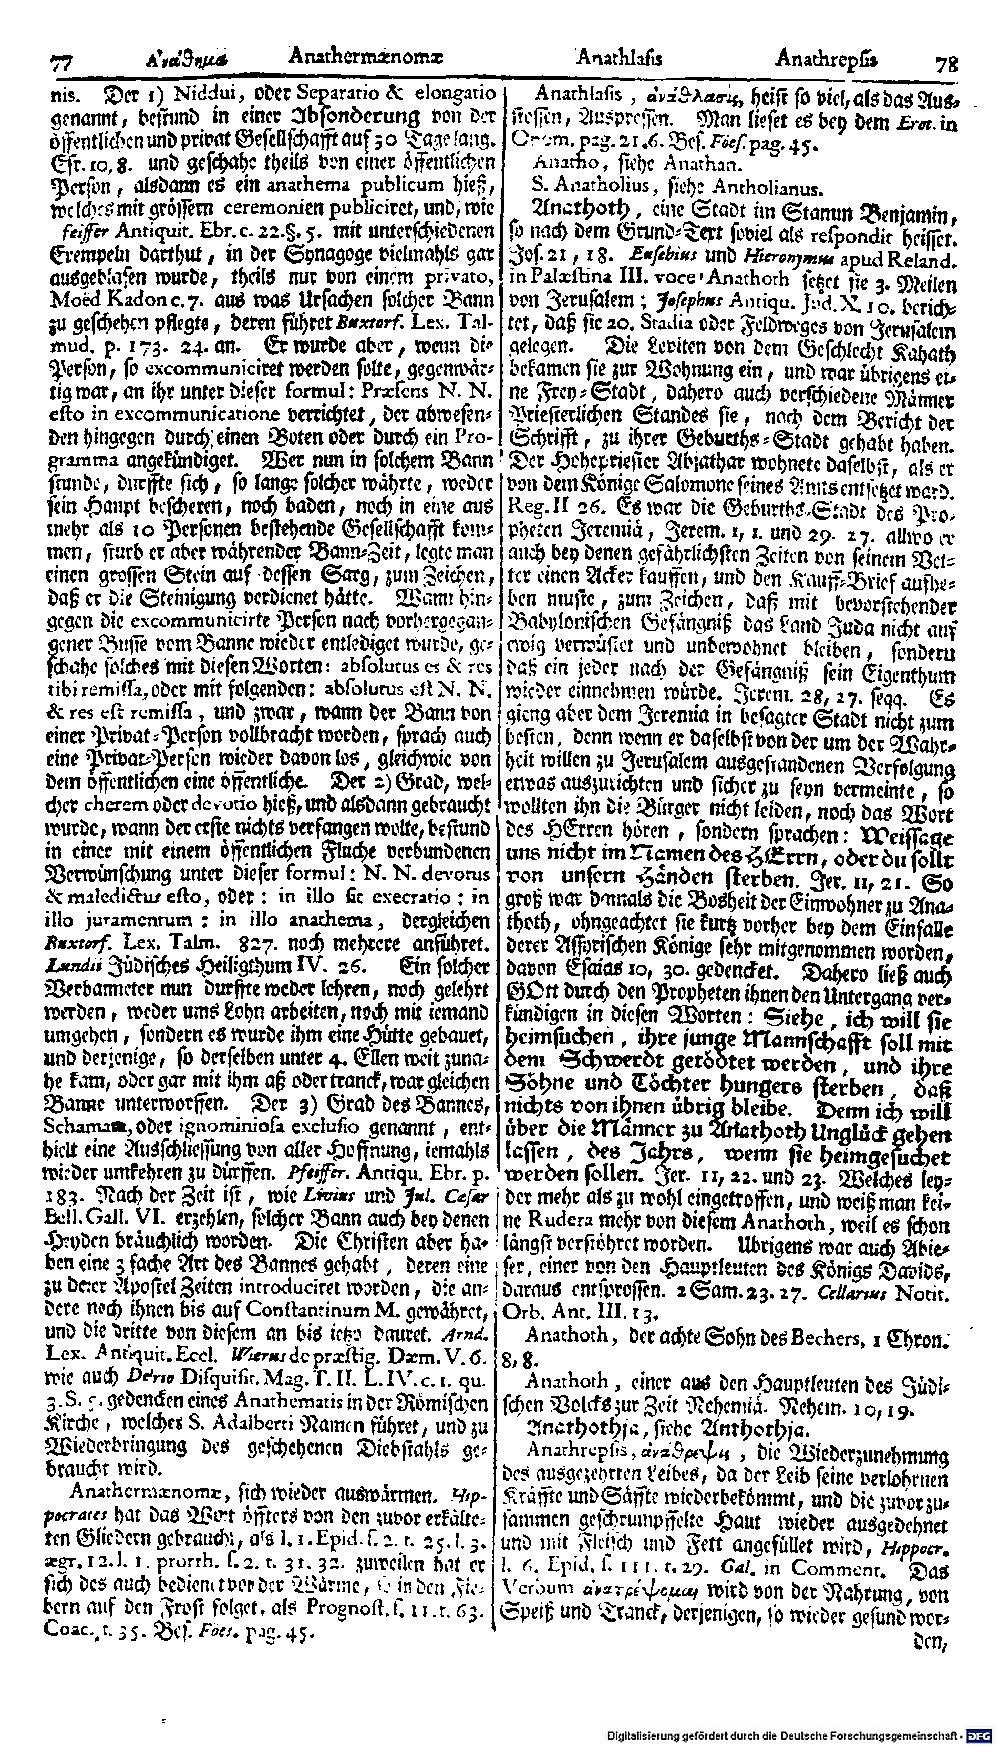 Bd. 02, Seite 0054.